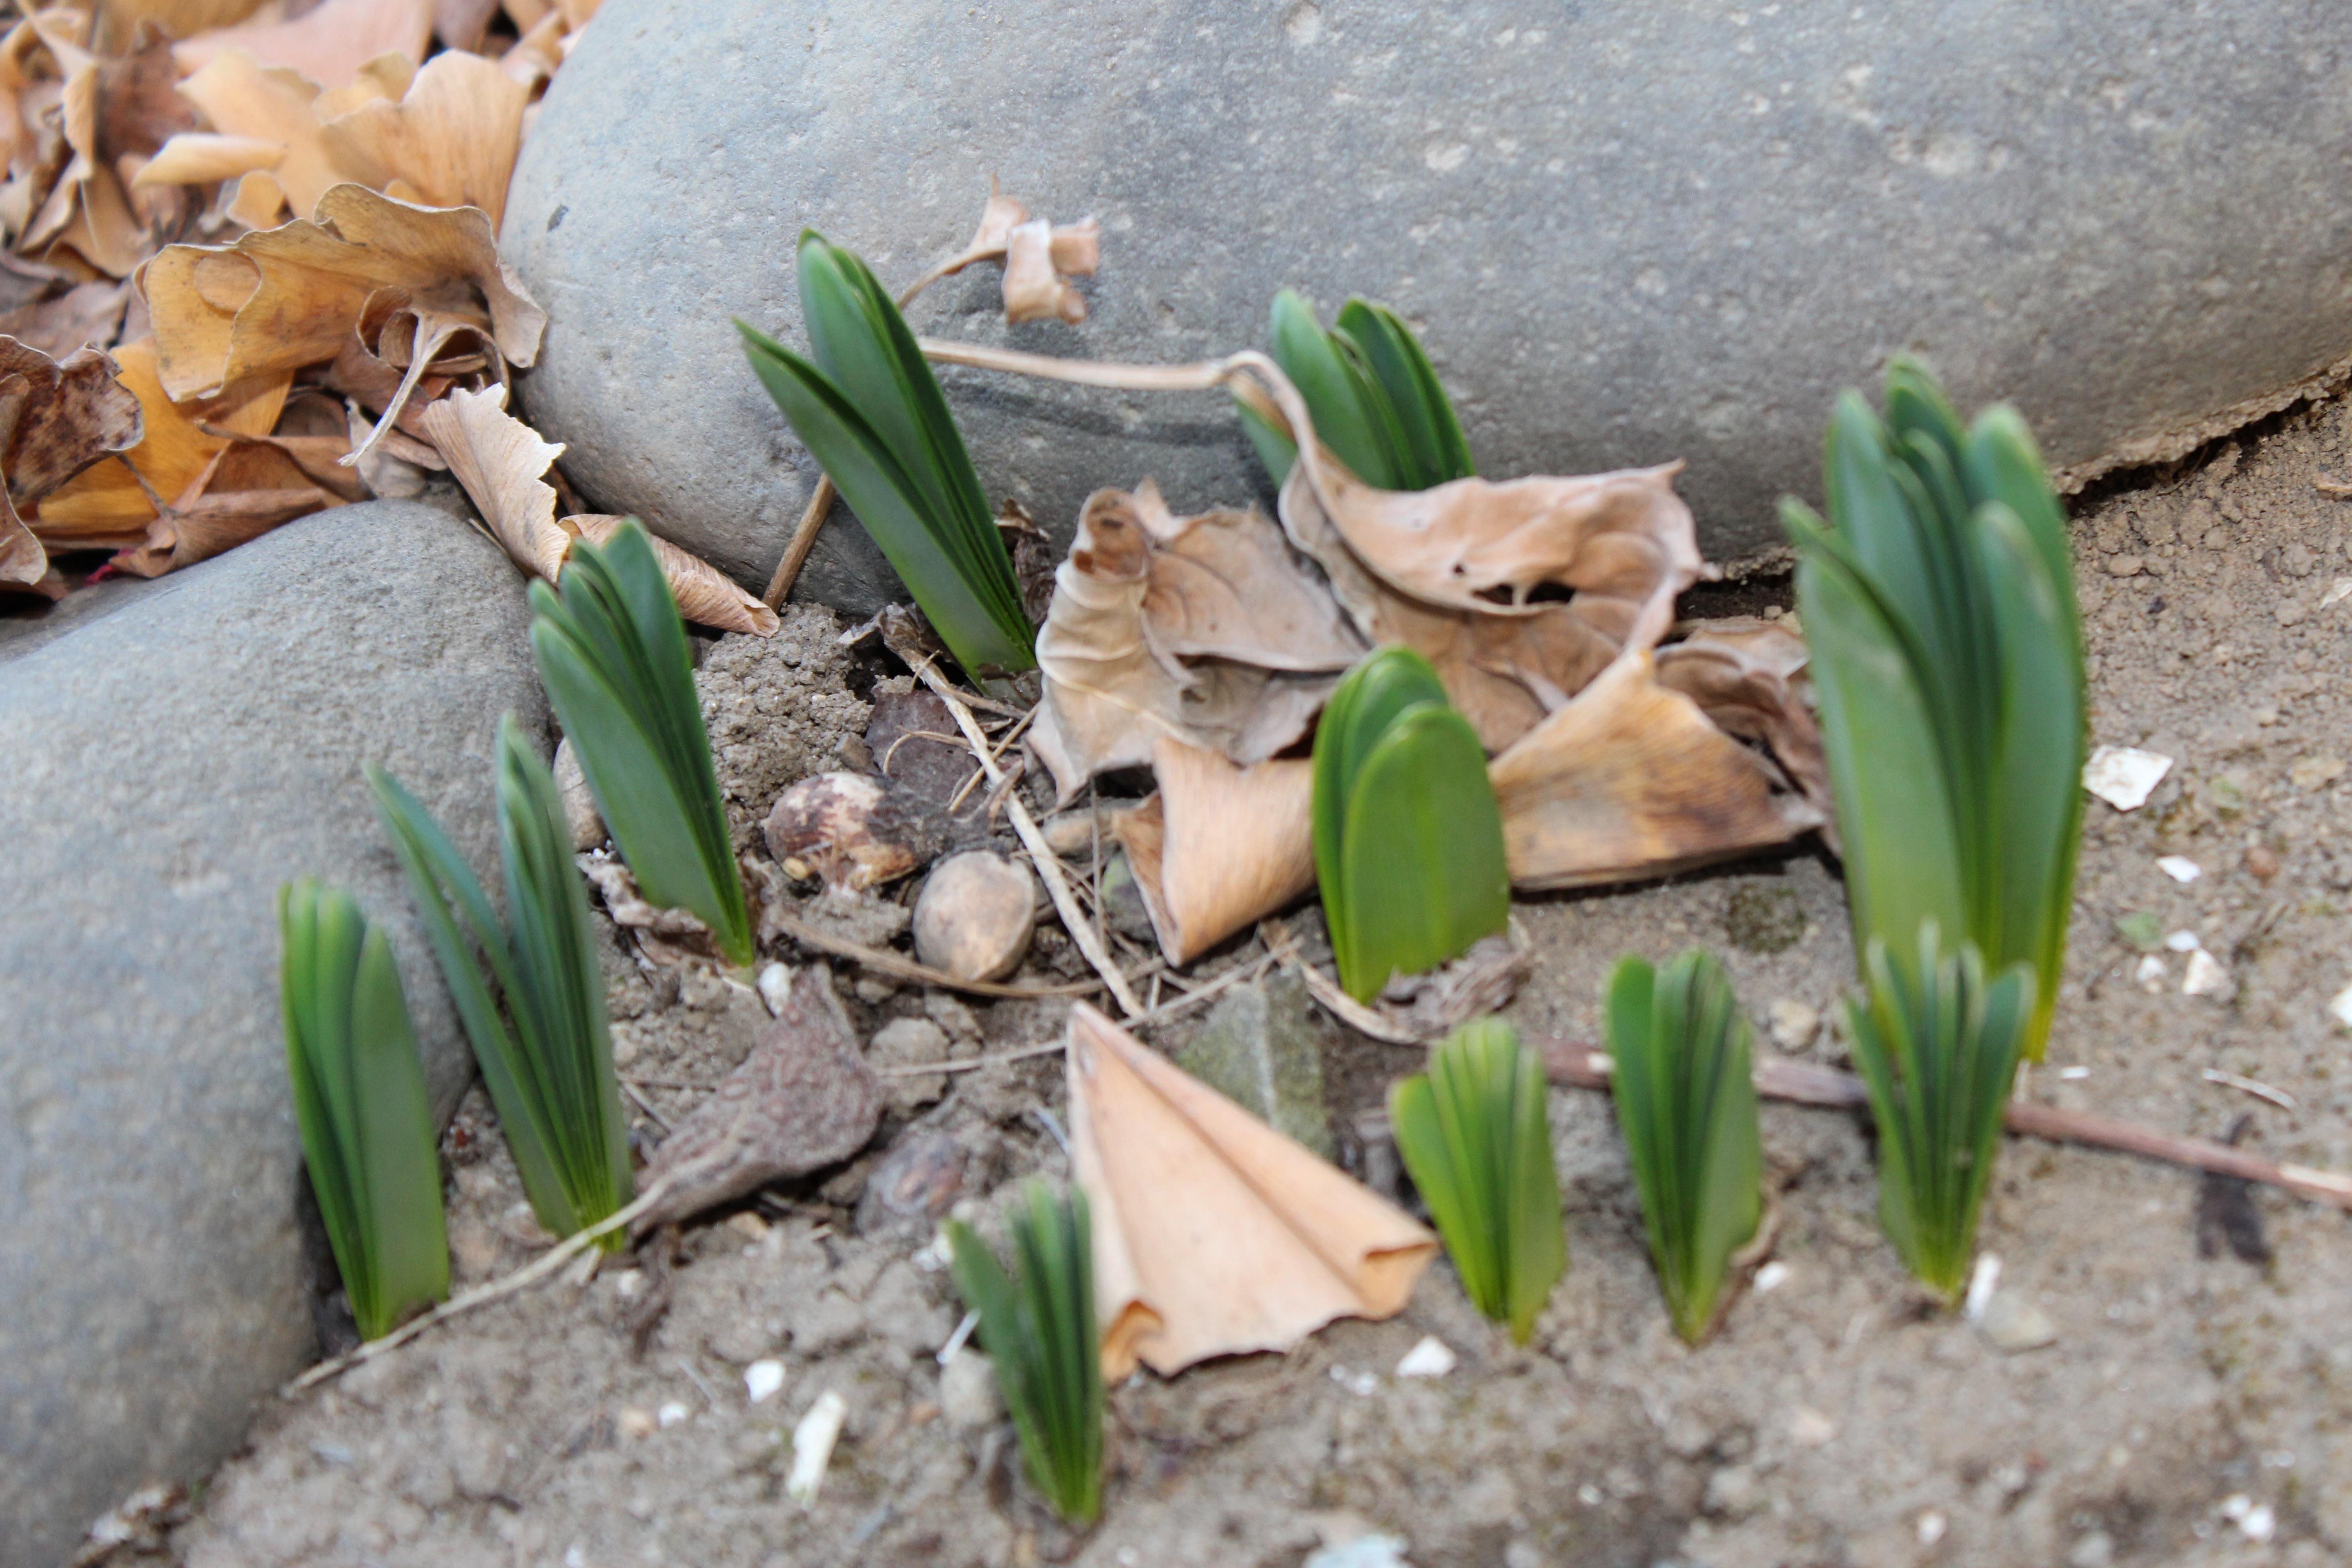 夏水仙(なつずいせん)リコリスも芽吹いてきていました。